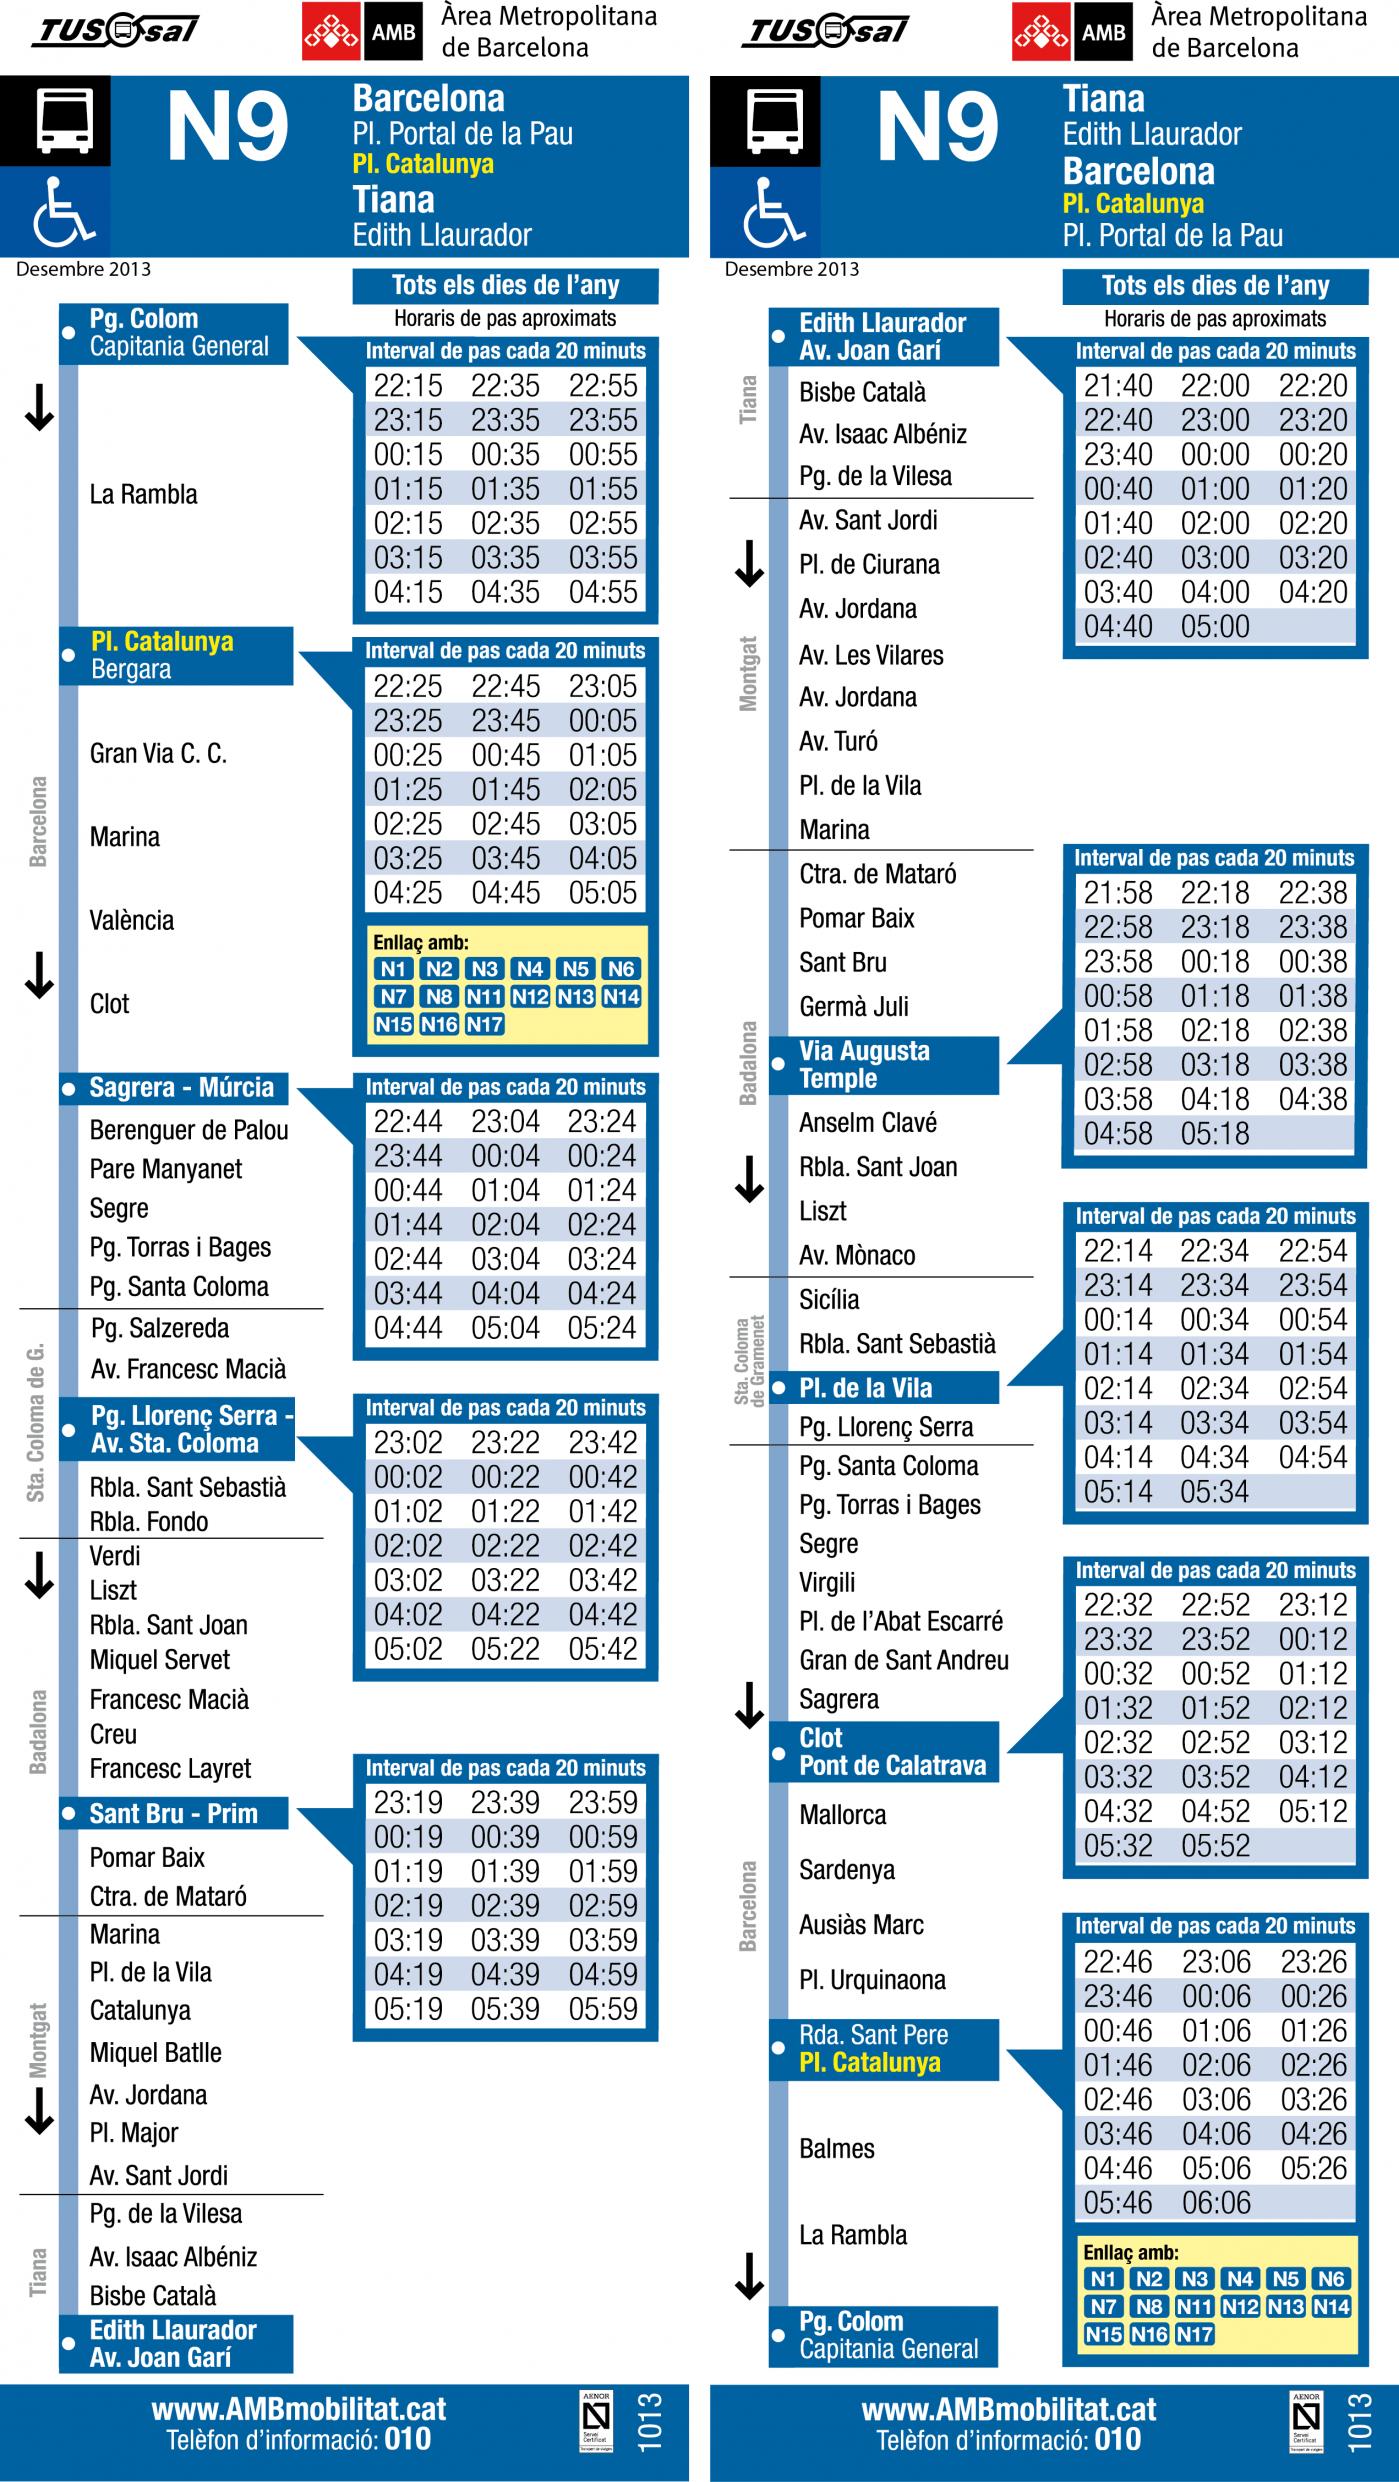 Tabla de horarios y frecuencias de paso Línea N9: Barcelona (Plaça Portal de la Pau - Plaça Catalunya) - Tiana (Edith Llaurador)